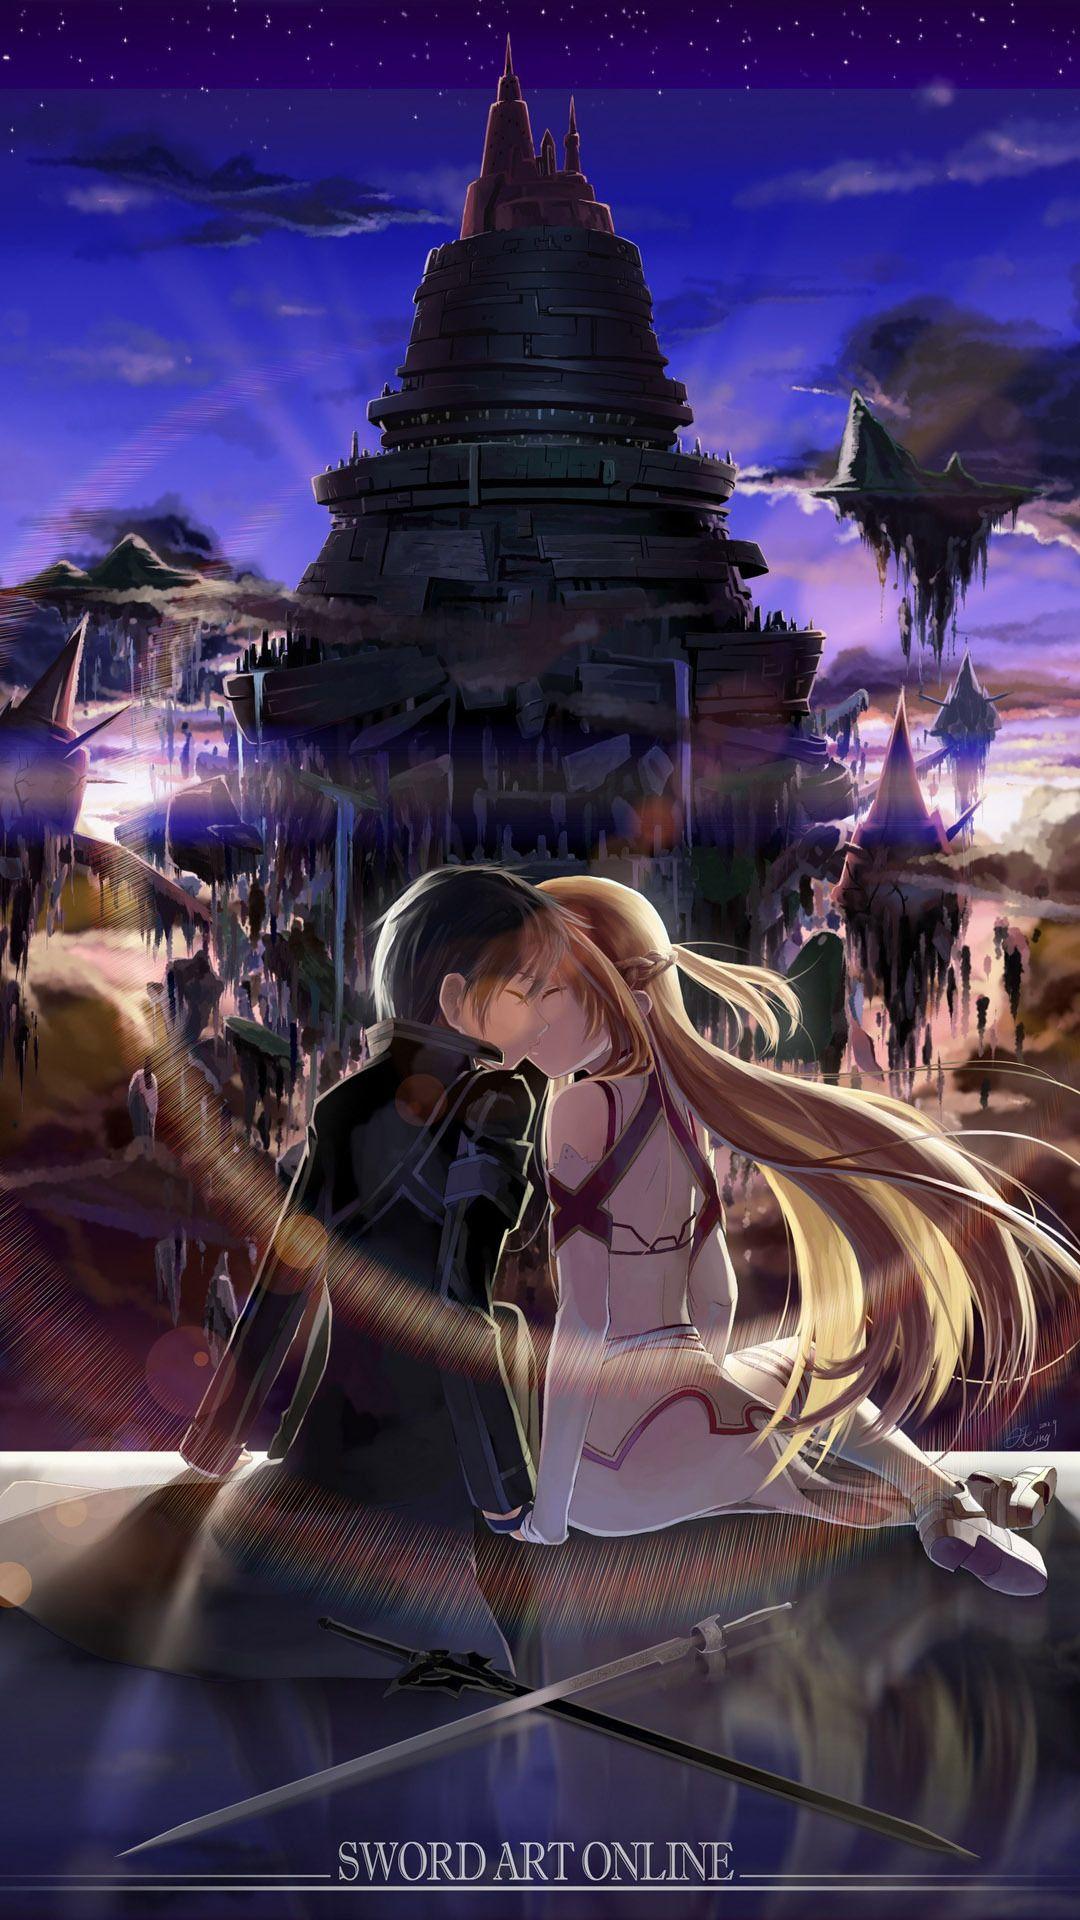 asuna and kirito - sword art online mobile wallpaper 5828 | sweet